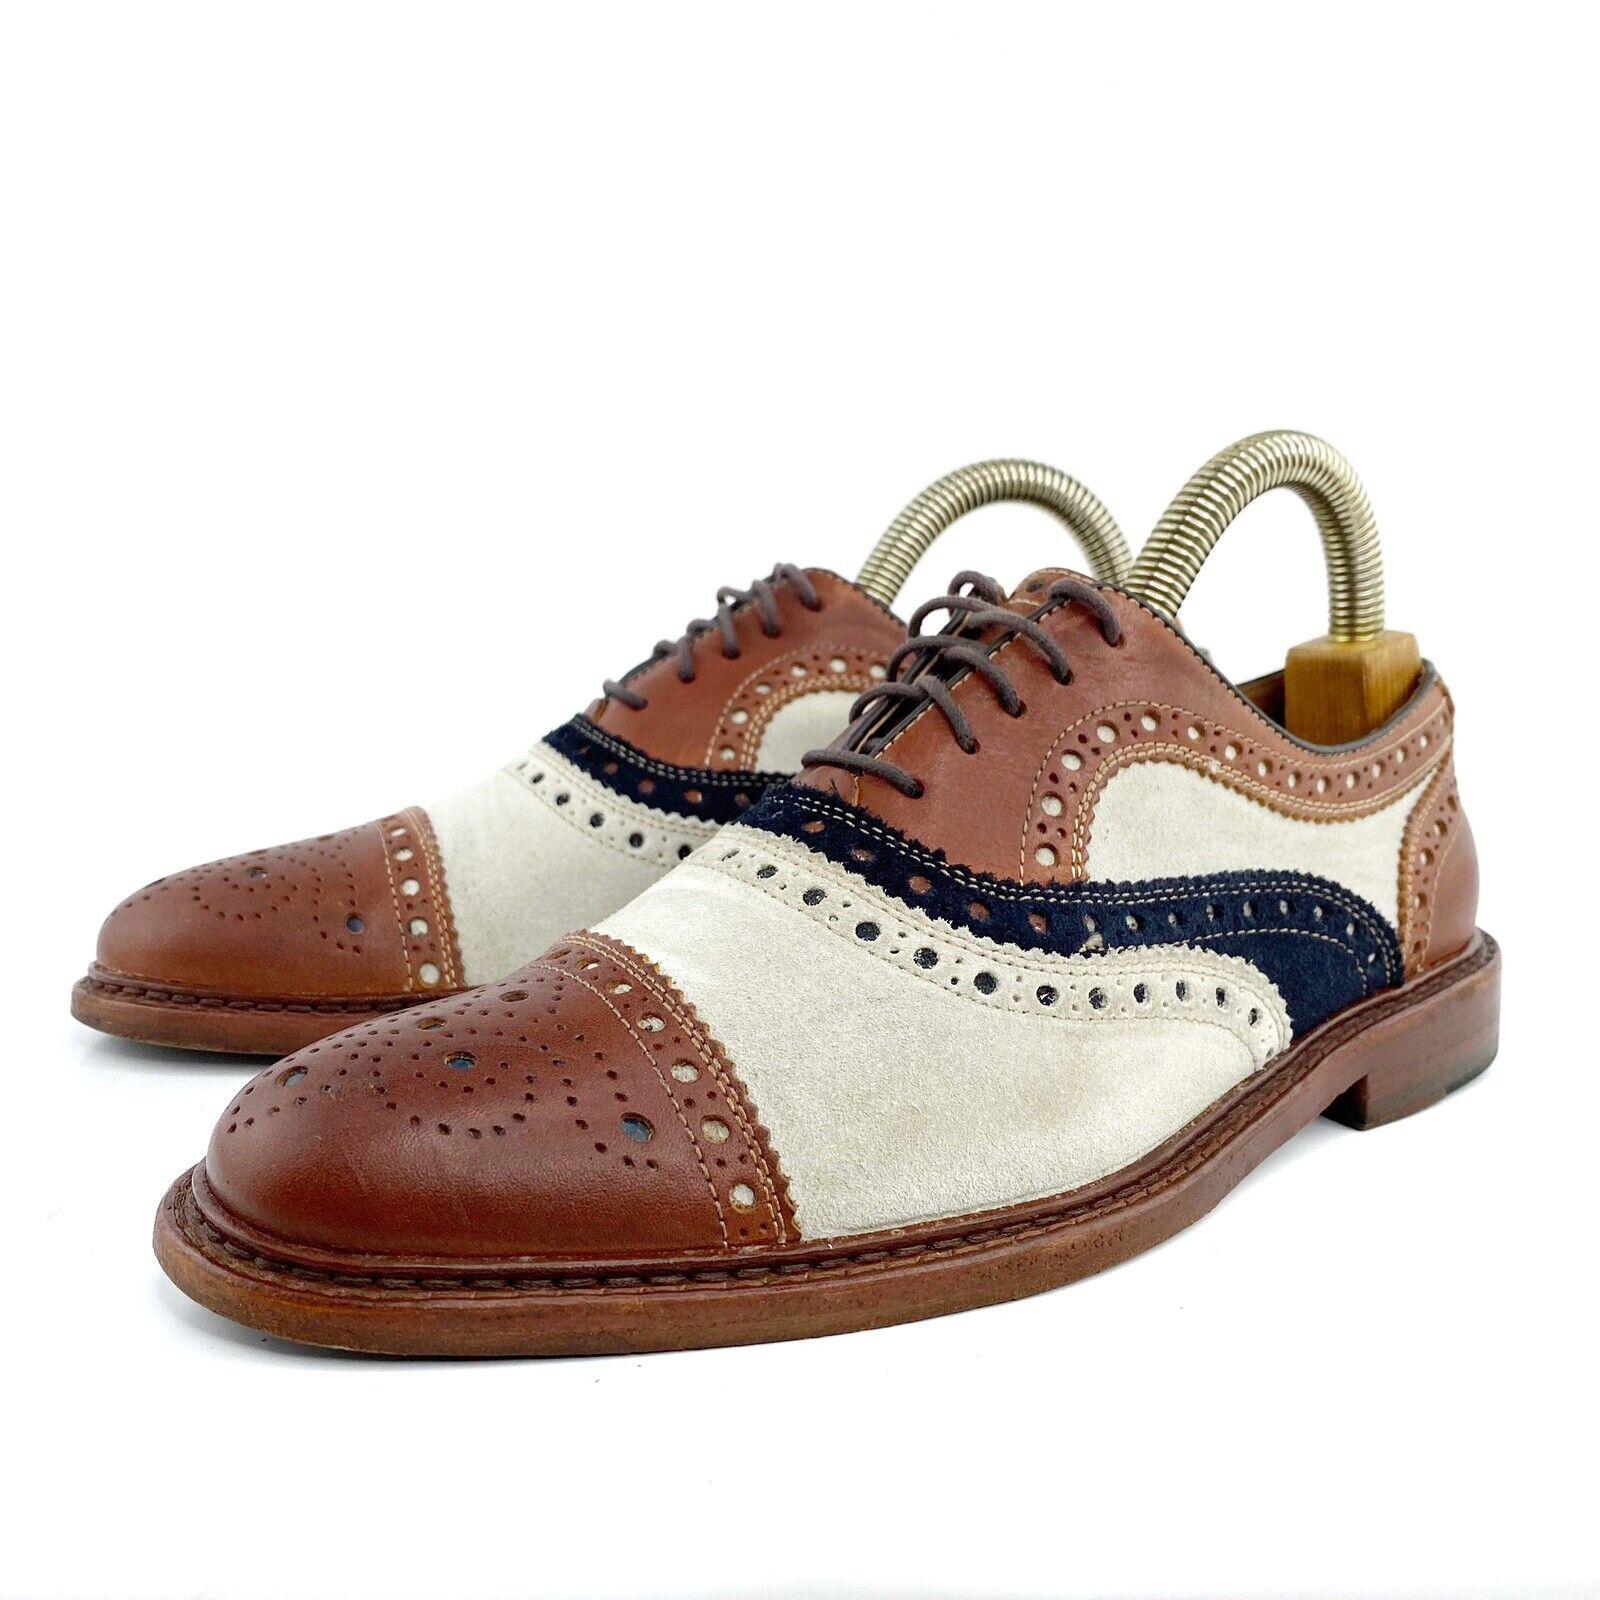 Johnston Murphy EST 1850 Derby Cap Toe Men Leather Shoes Size 8M Limited Edition